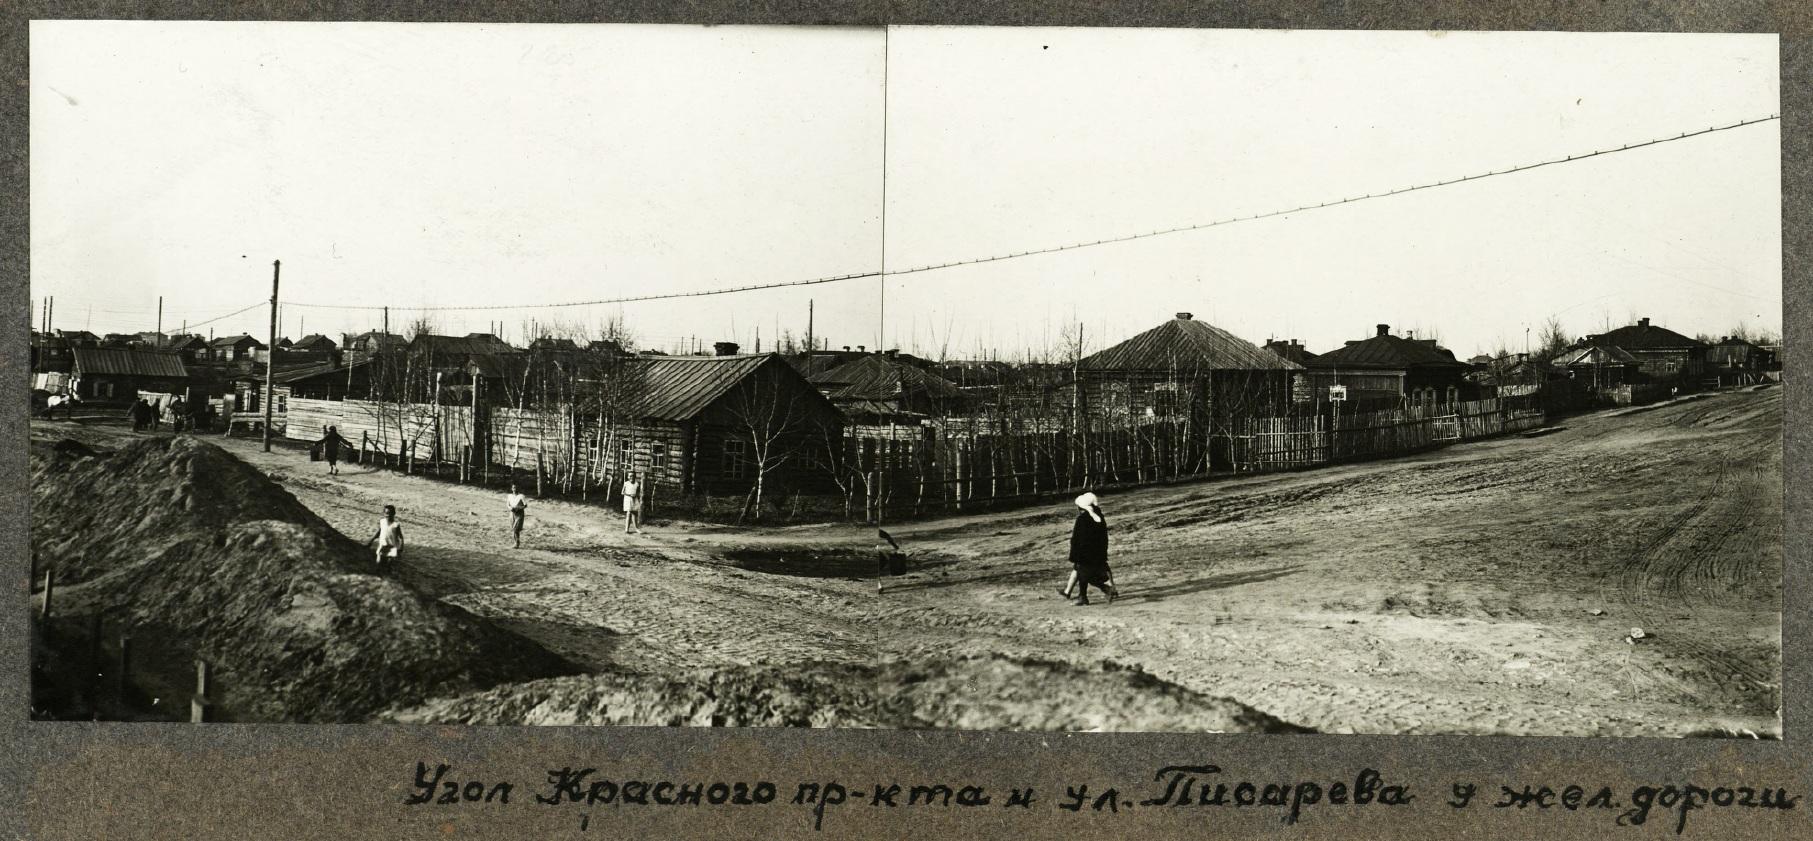 http://images.vfl.ru/ii/1588521081/1e092644/30397264.jpg